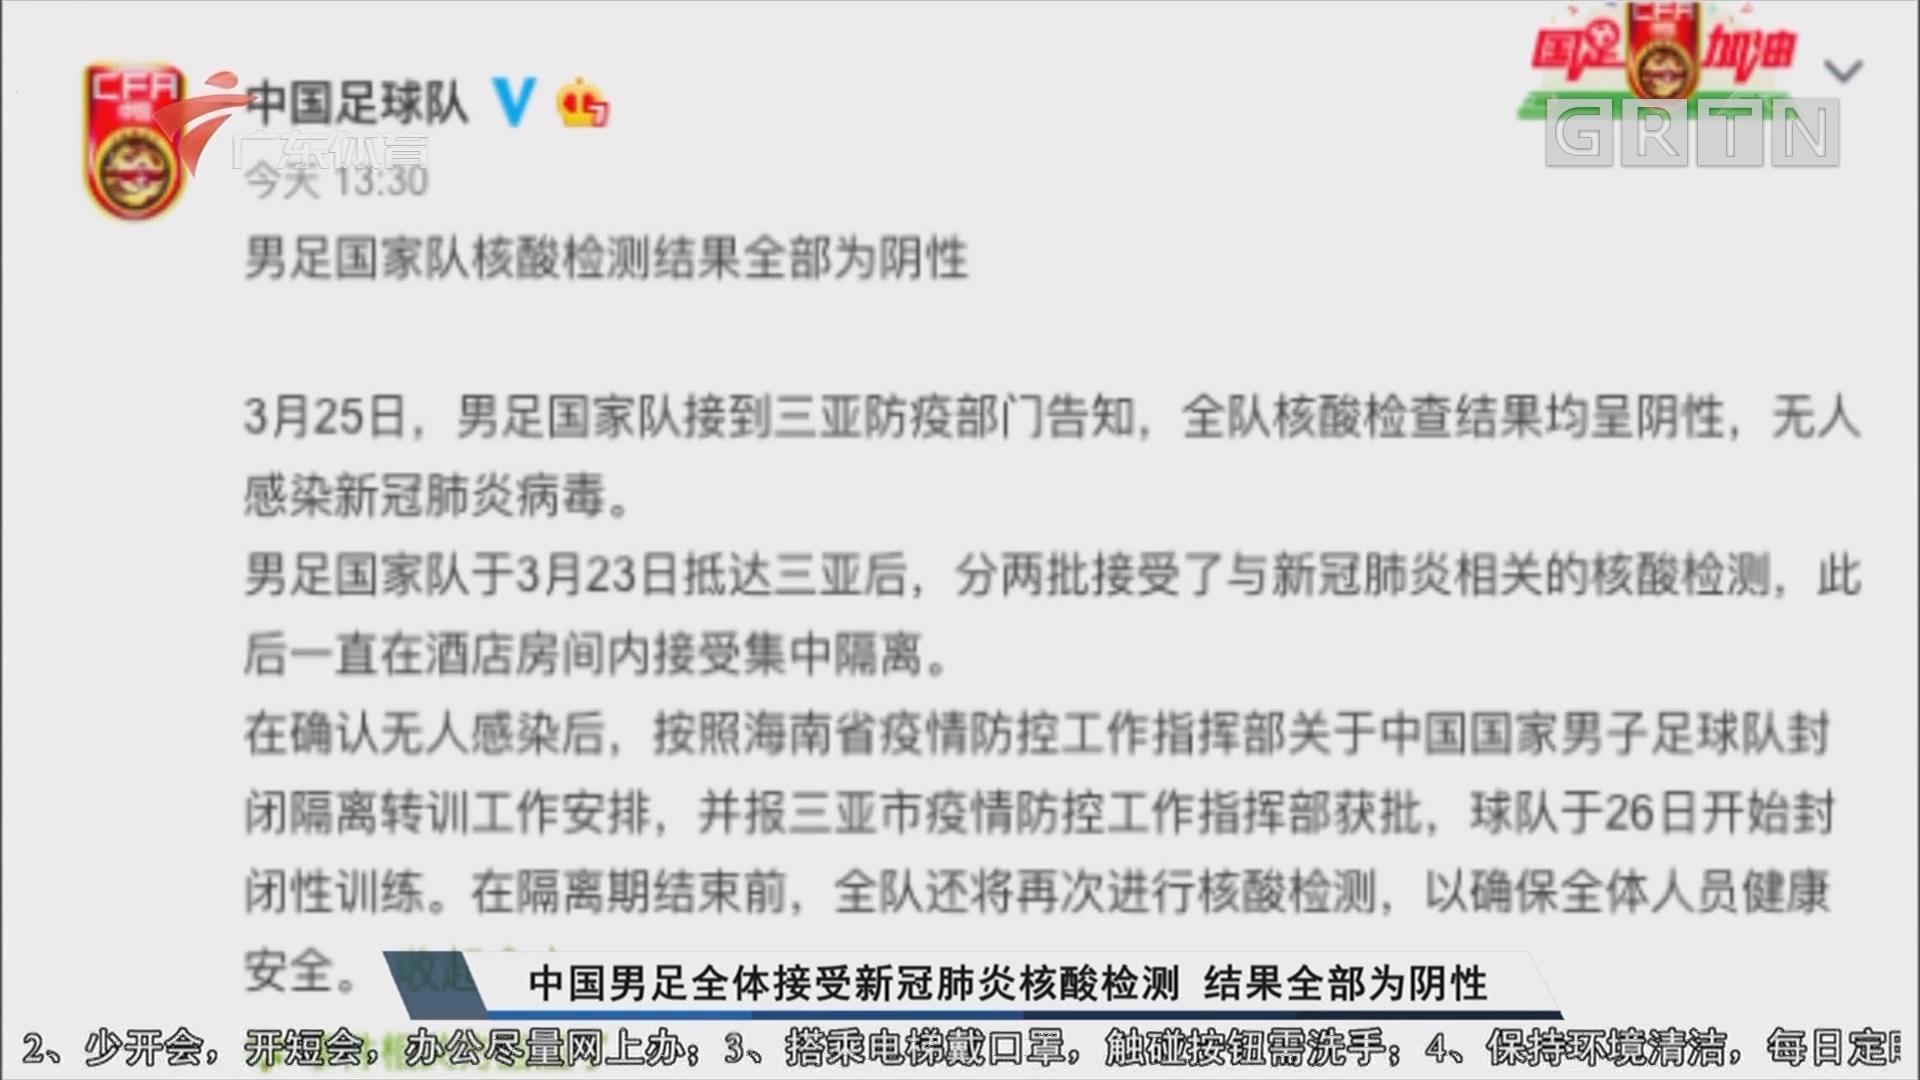 中国男足全体接受新冠肺炎核酸检测 结果全部为阴性